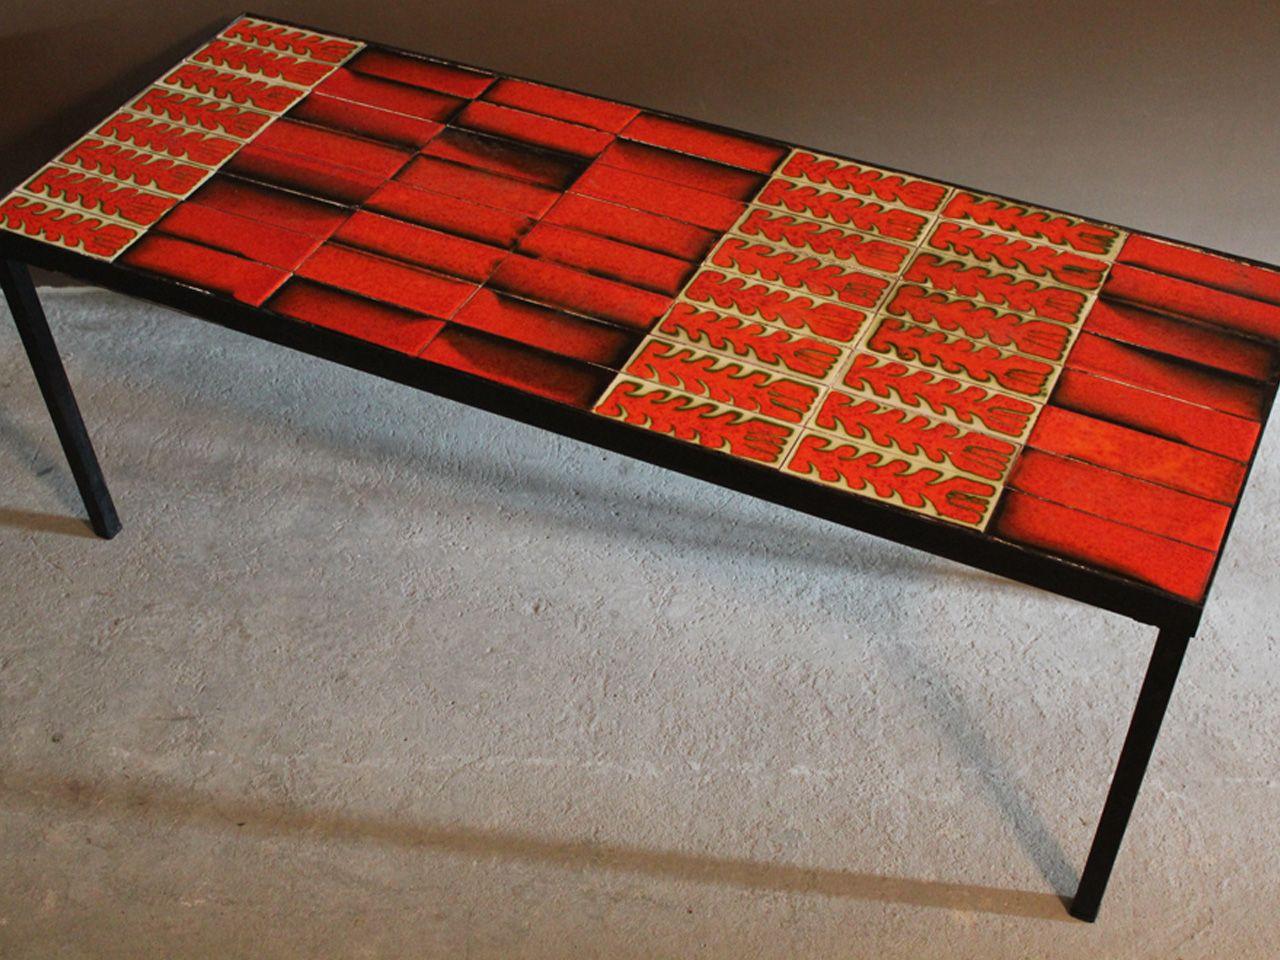 Table Basse En Ceramique De Vallauris Roger Capron 1960 Design Market Table Basse Grande Table Basse Decor Geometrique